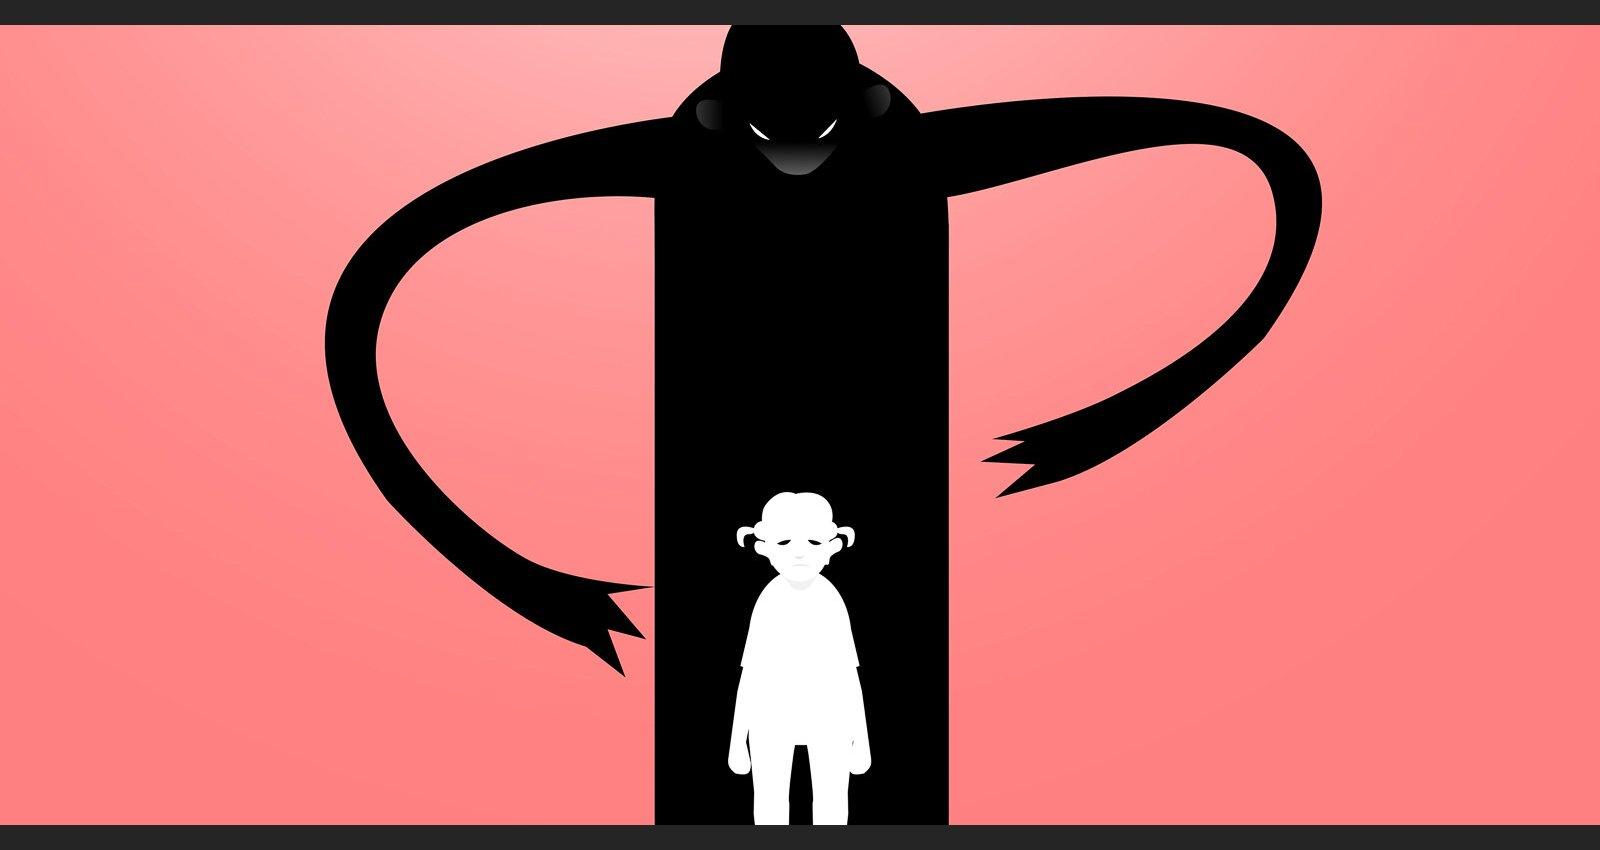 Tas visbiežāk ir bērna tuvinieks. Ko mēs (ne)zinām par seksuālo vardarbību Latvijā